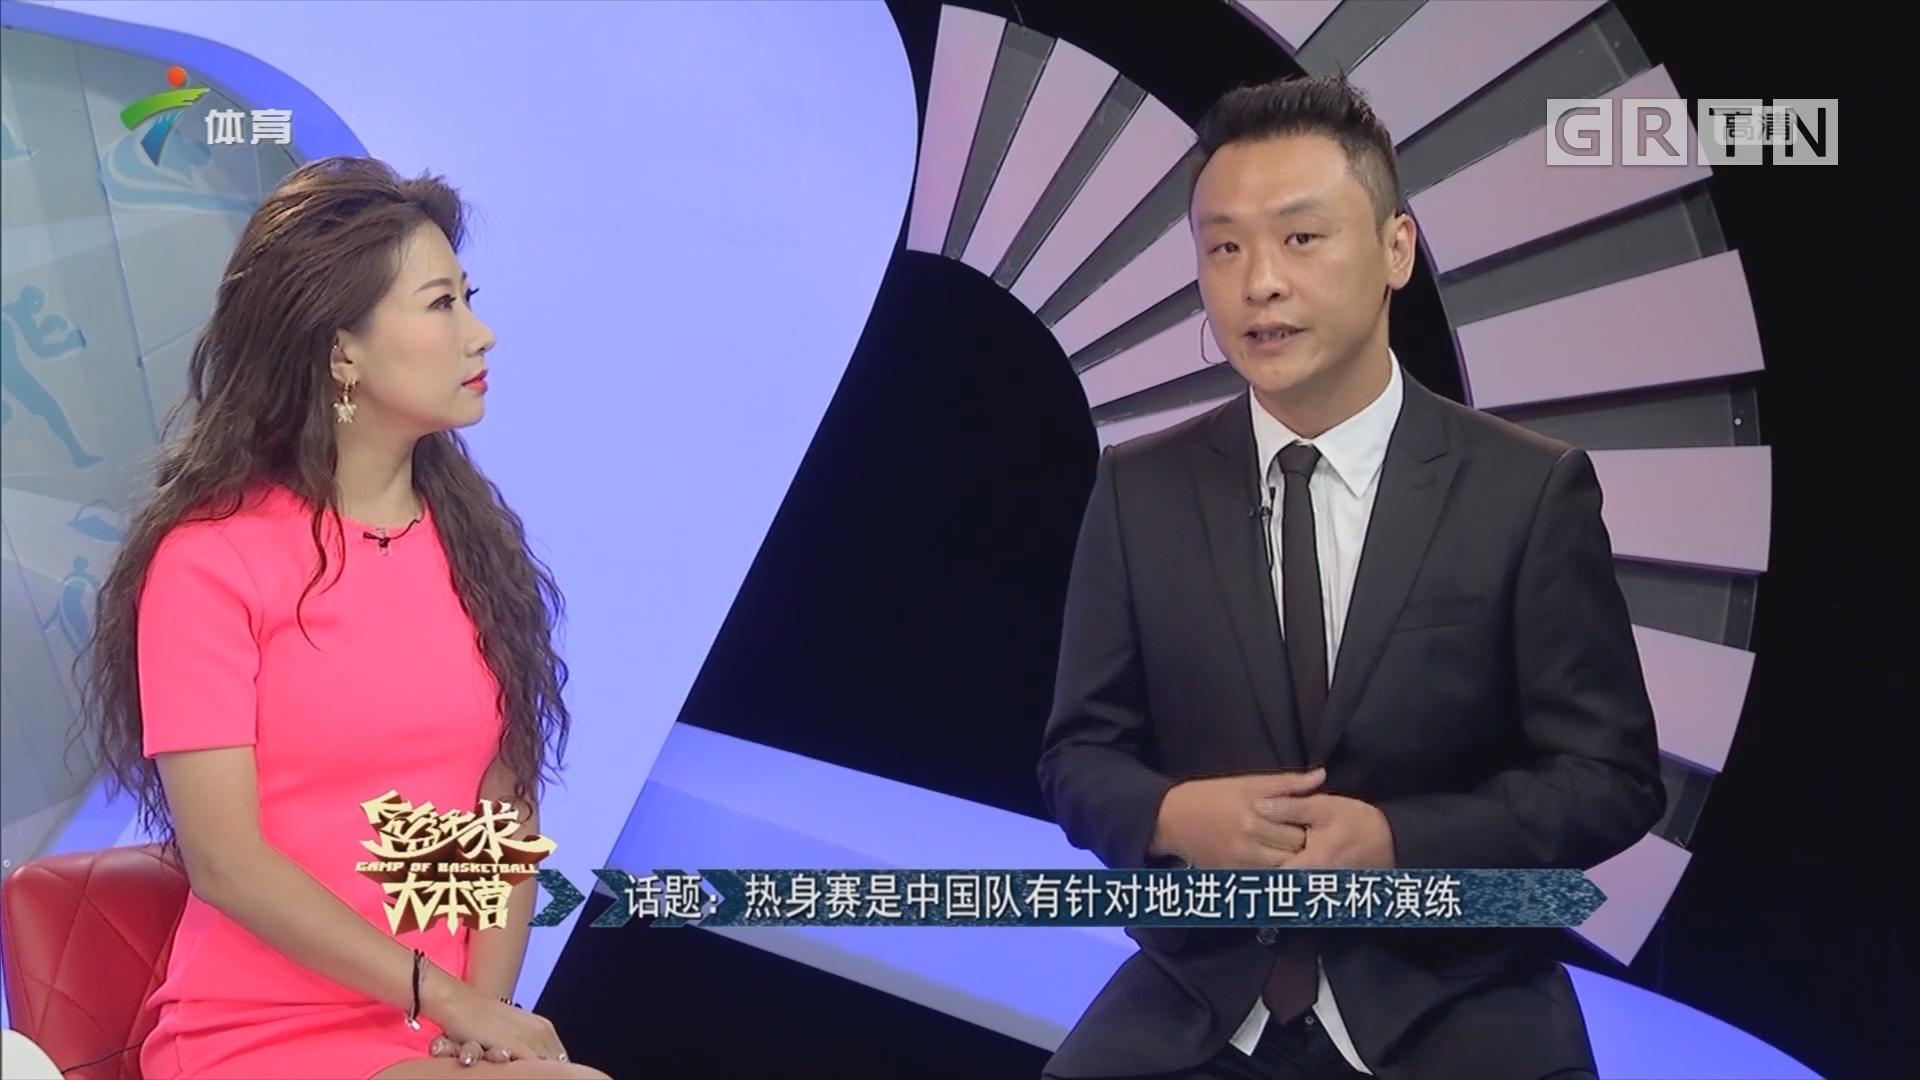 话题:热身赛是中国队有针对地进行世界杯演练